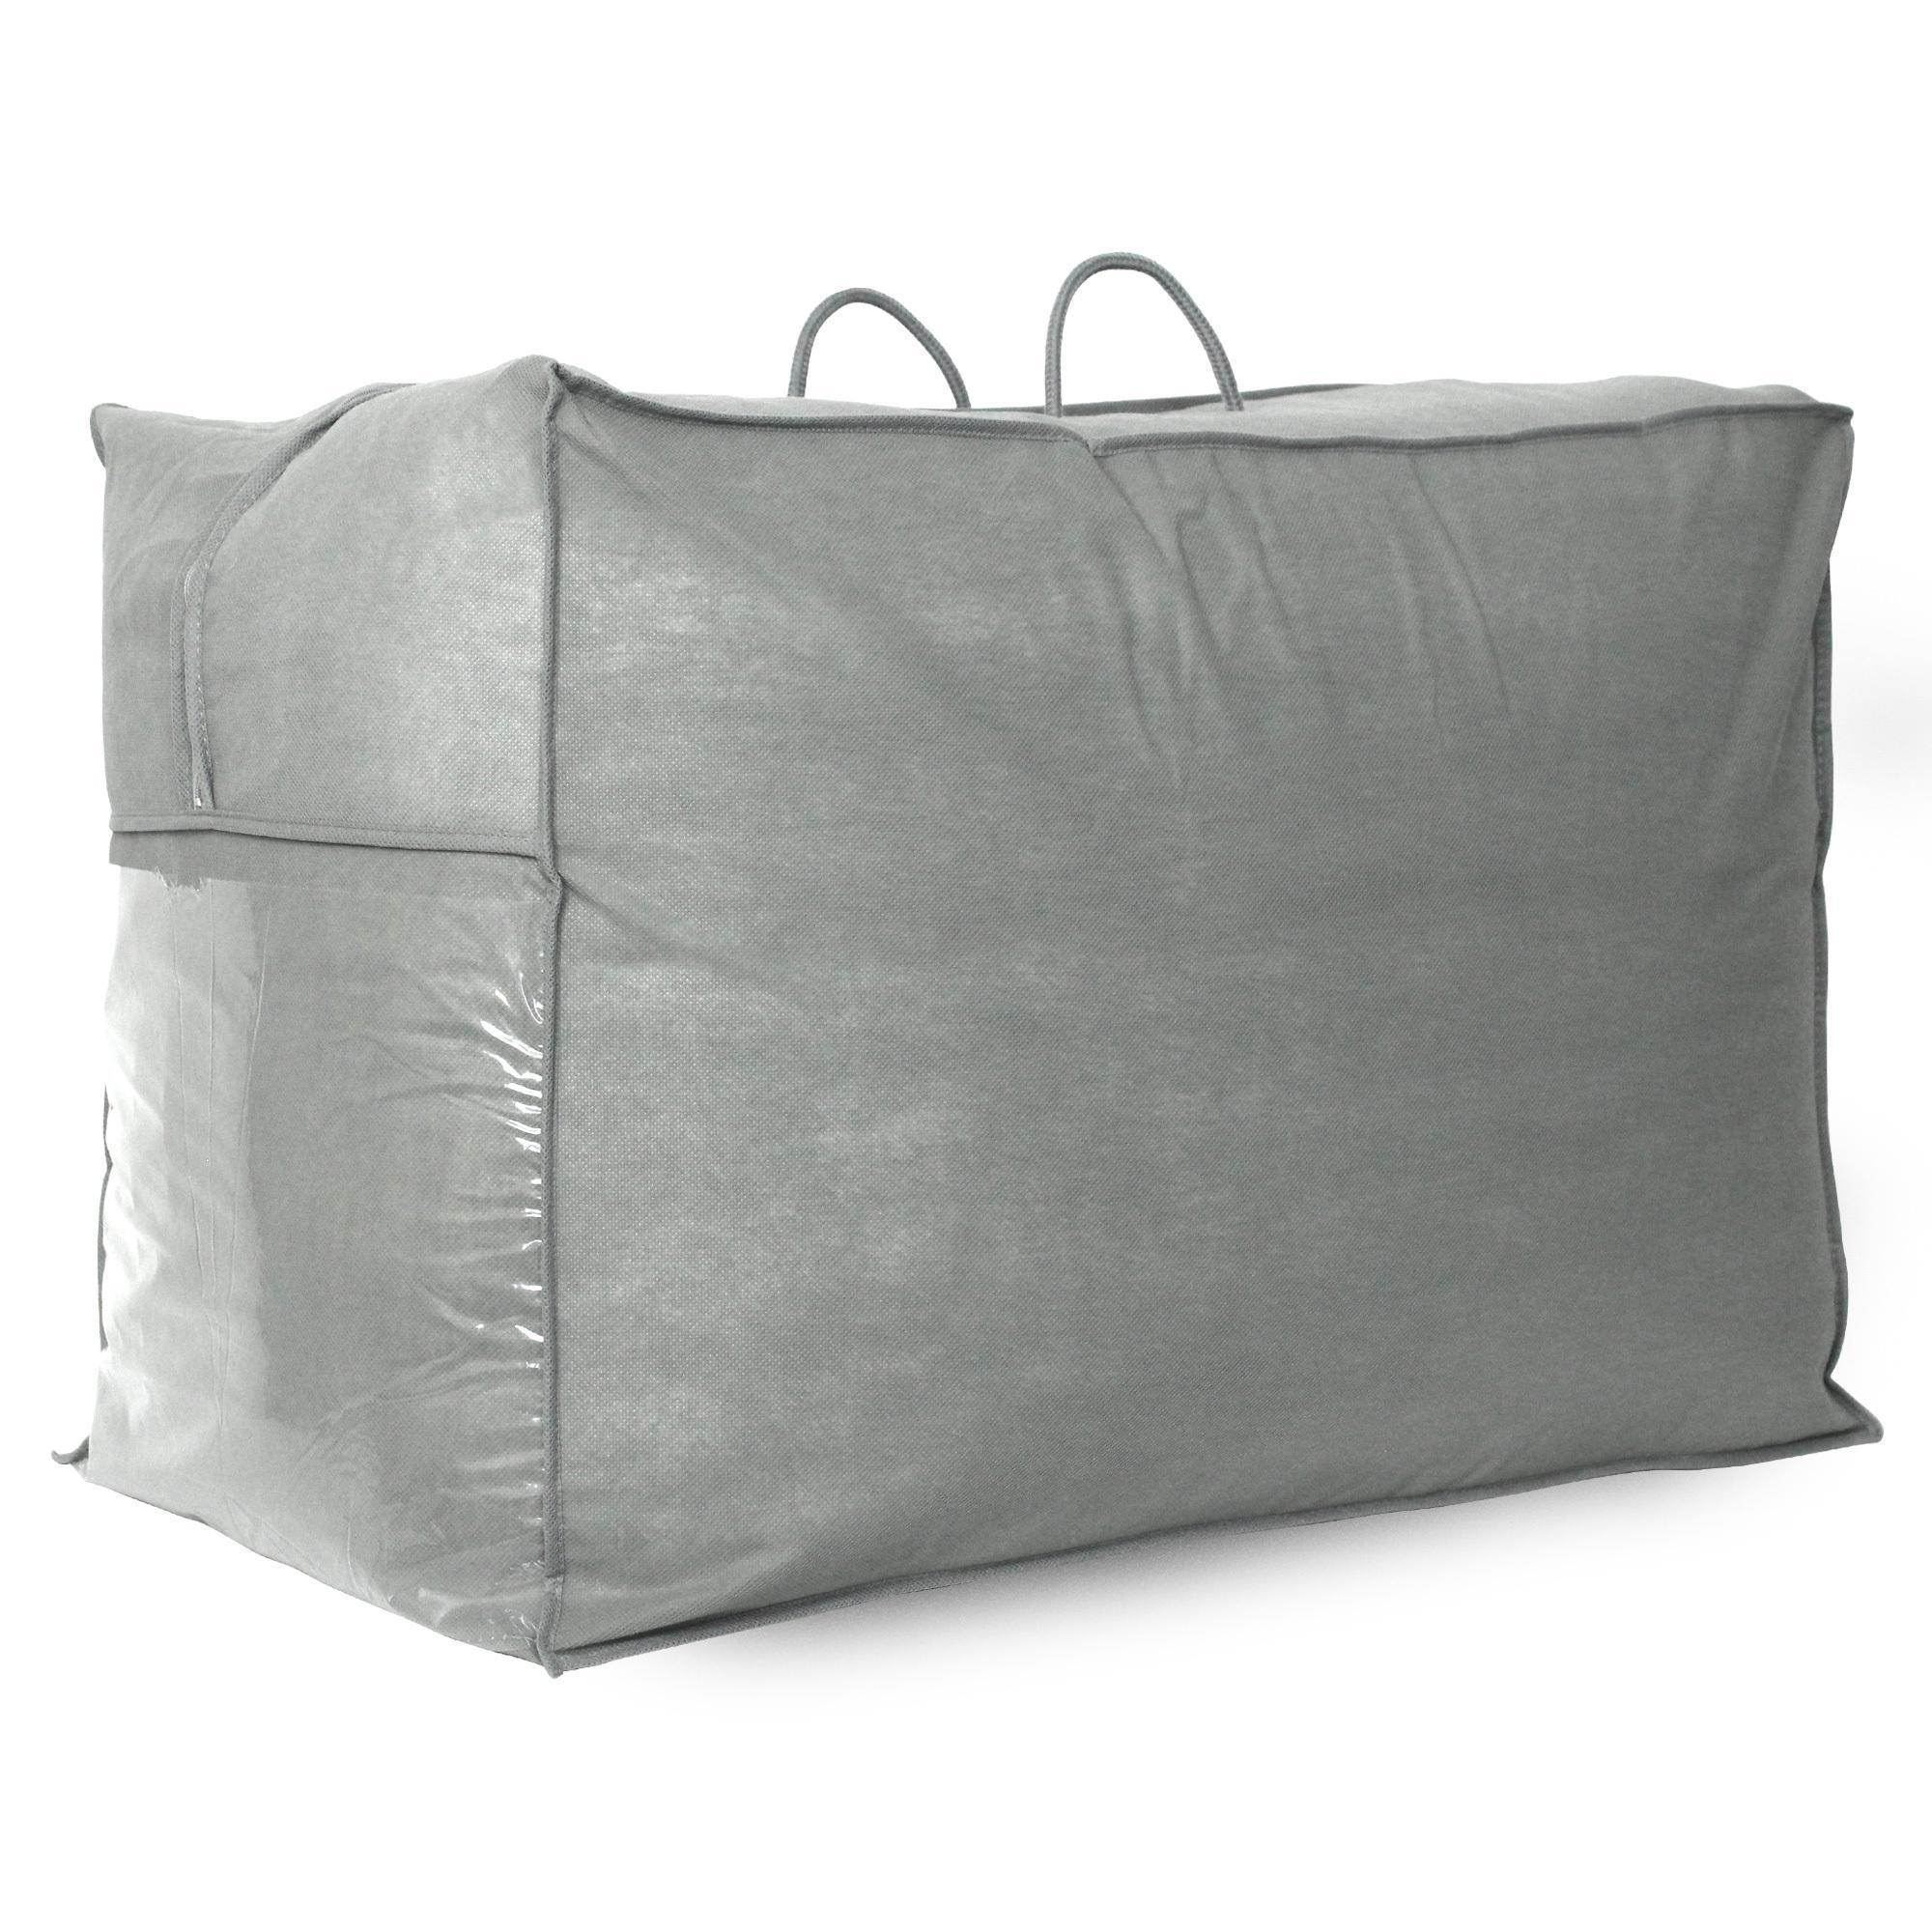 couette 300x240 cm elsa t fibre creuse polyester 200 g m2 linnea linge de maison et. Black Bedroom Furniture Sets. Home Design Ideas